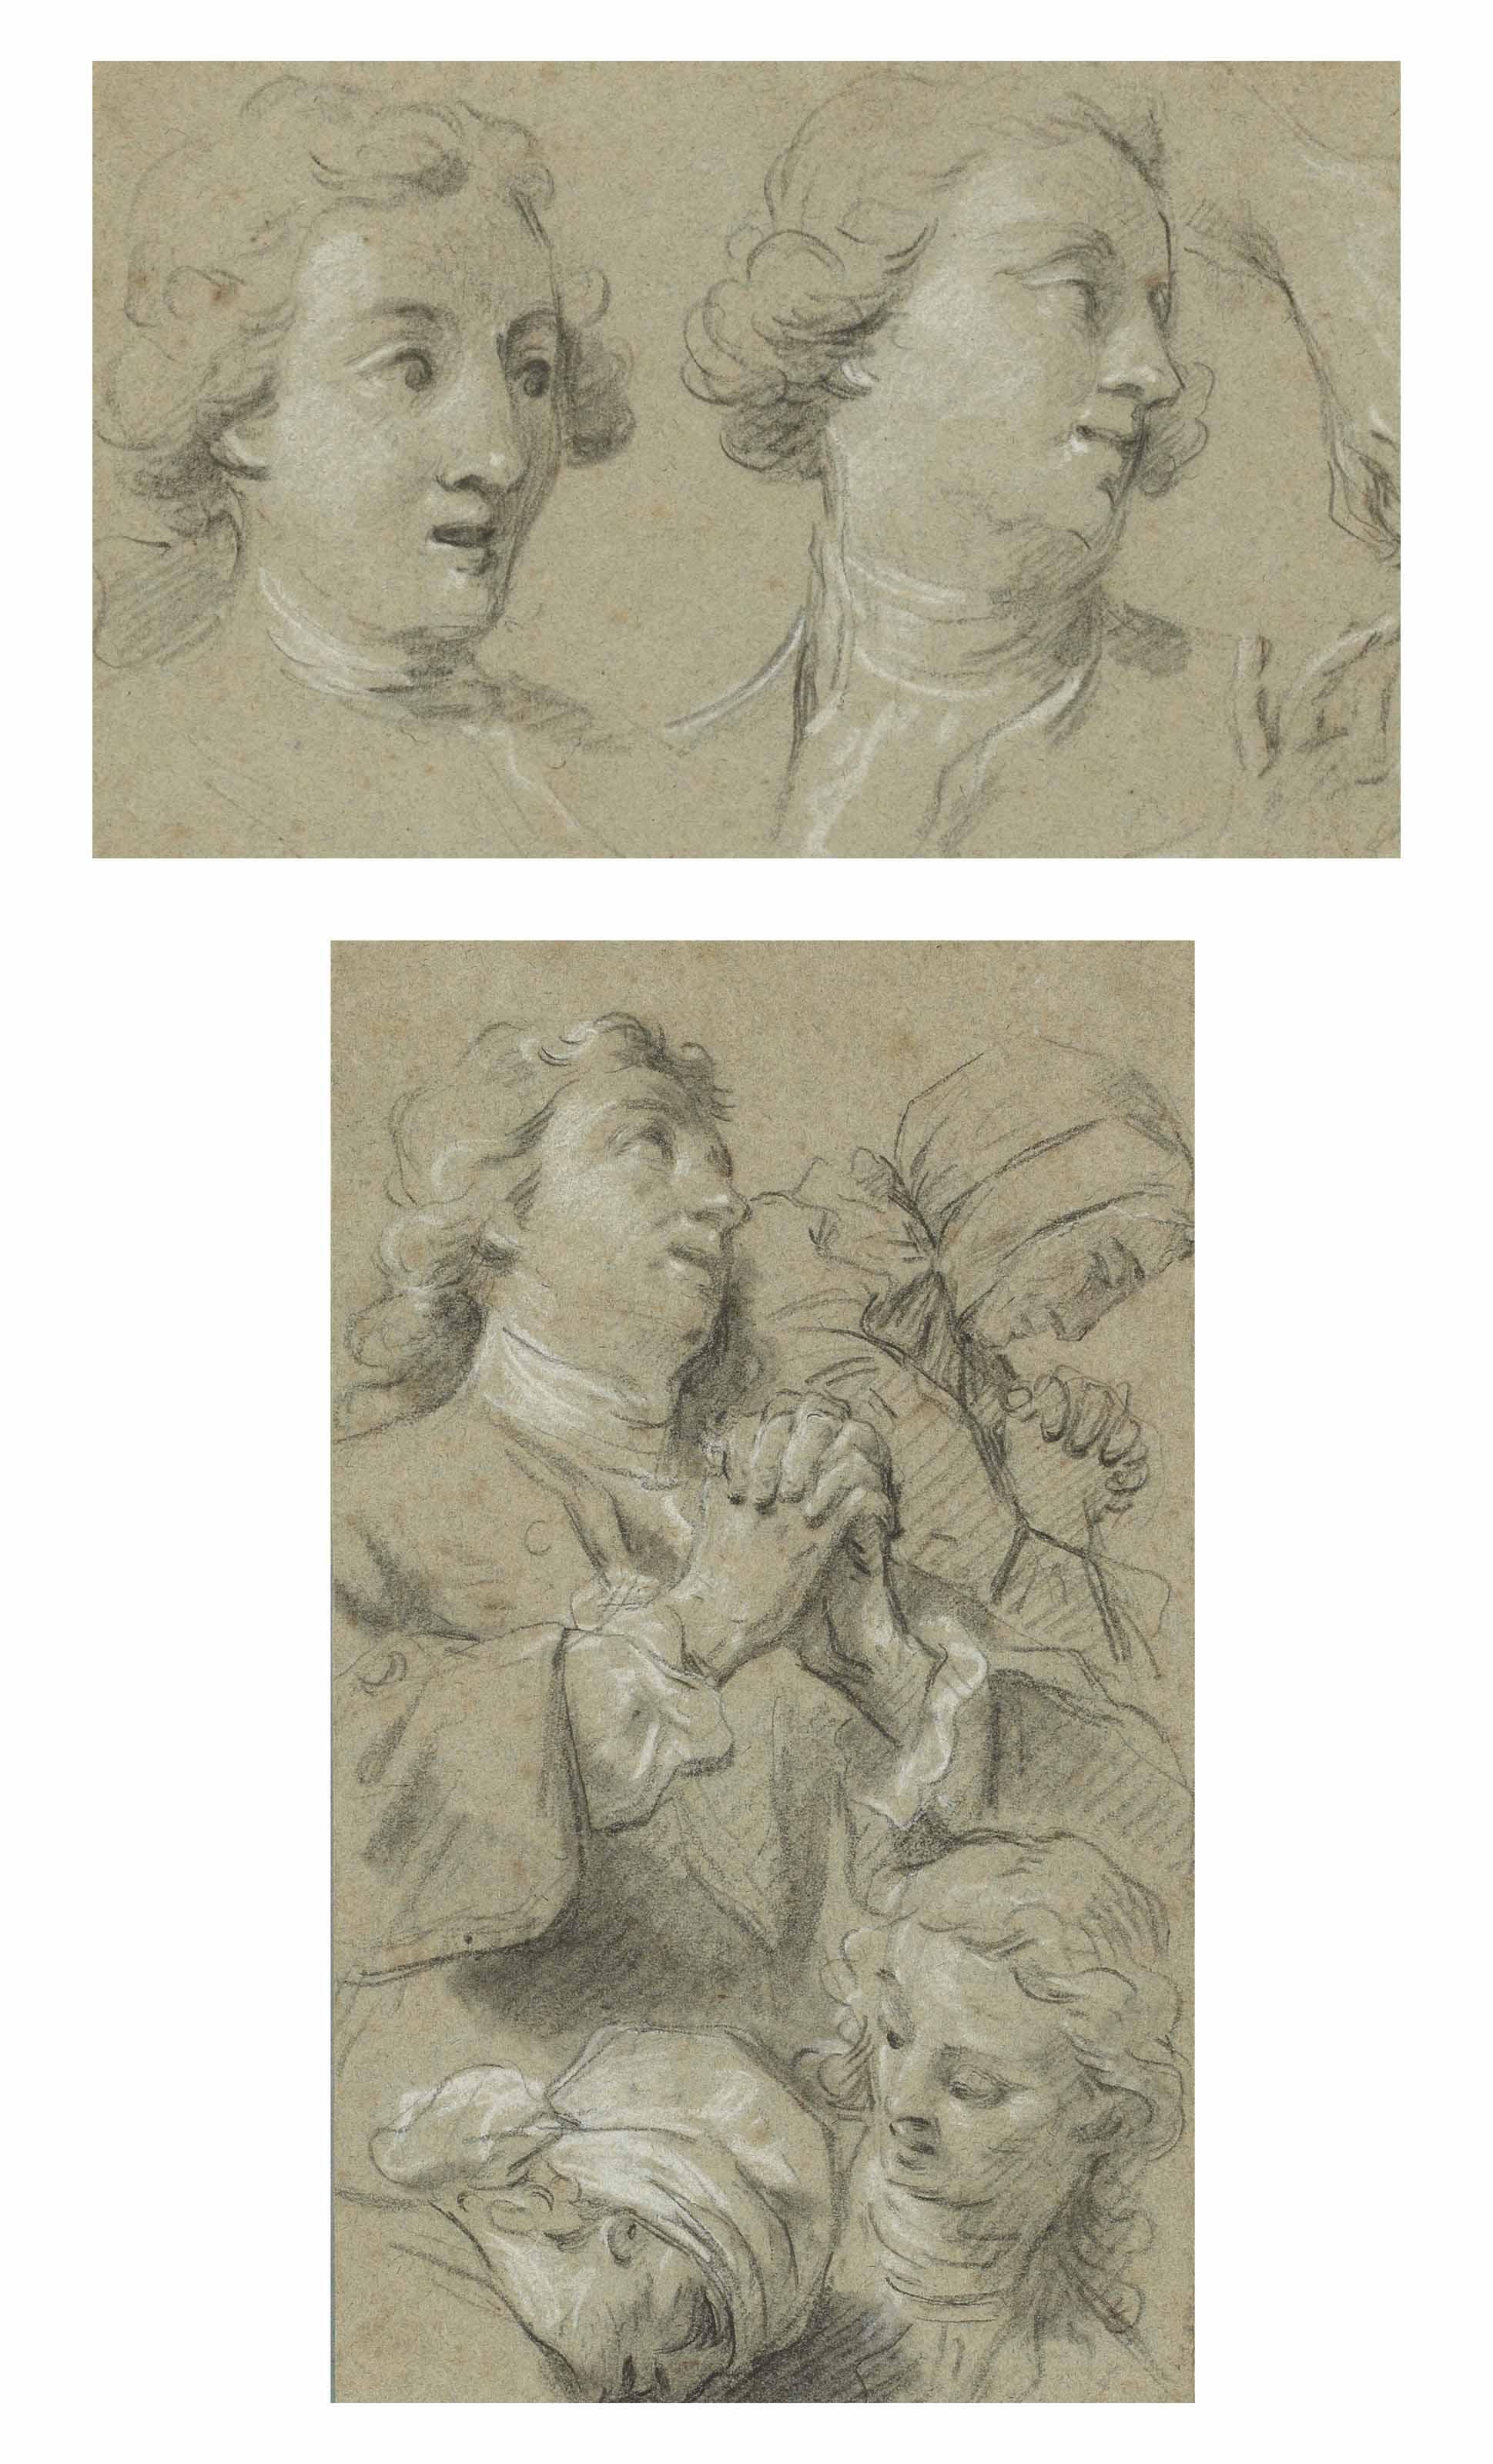 Etude d'hommes et de femmes priant; et Deux têtes d'hommes et études subsidiaires de mains